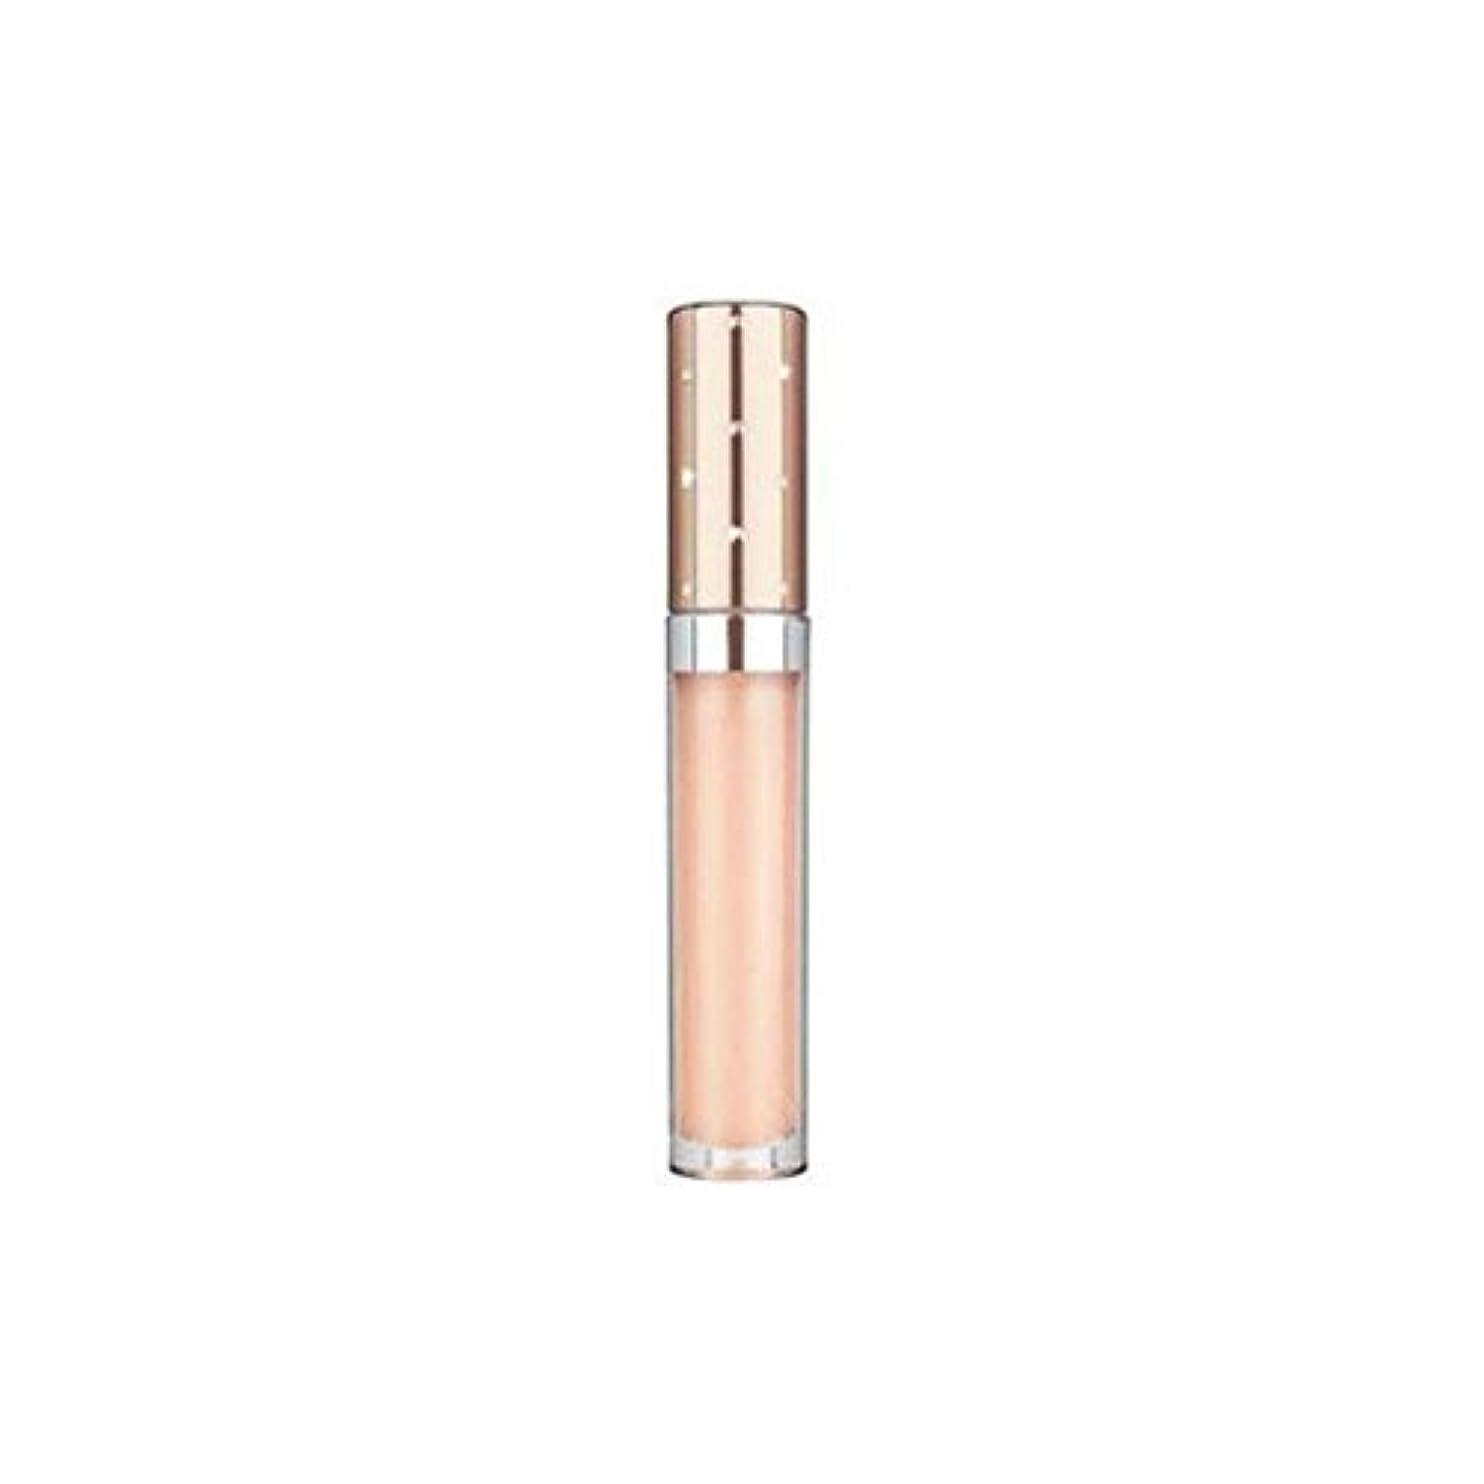 滴下発生器ふさわしいNubo Instant Lip Perfection Spf15 (5ml) - インスタントリップパーフェクション15(5ミリリットル) [並行輸入品]